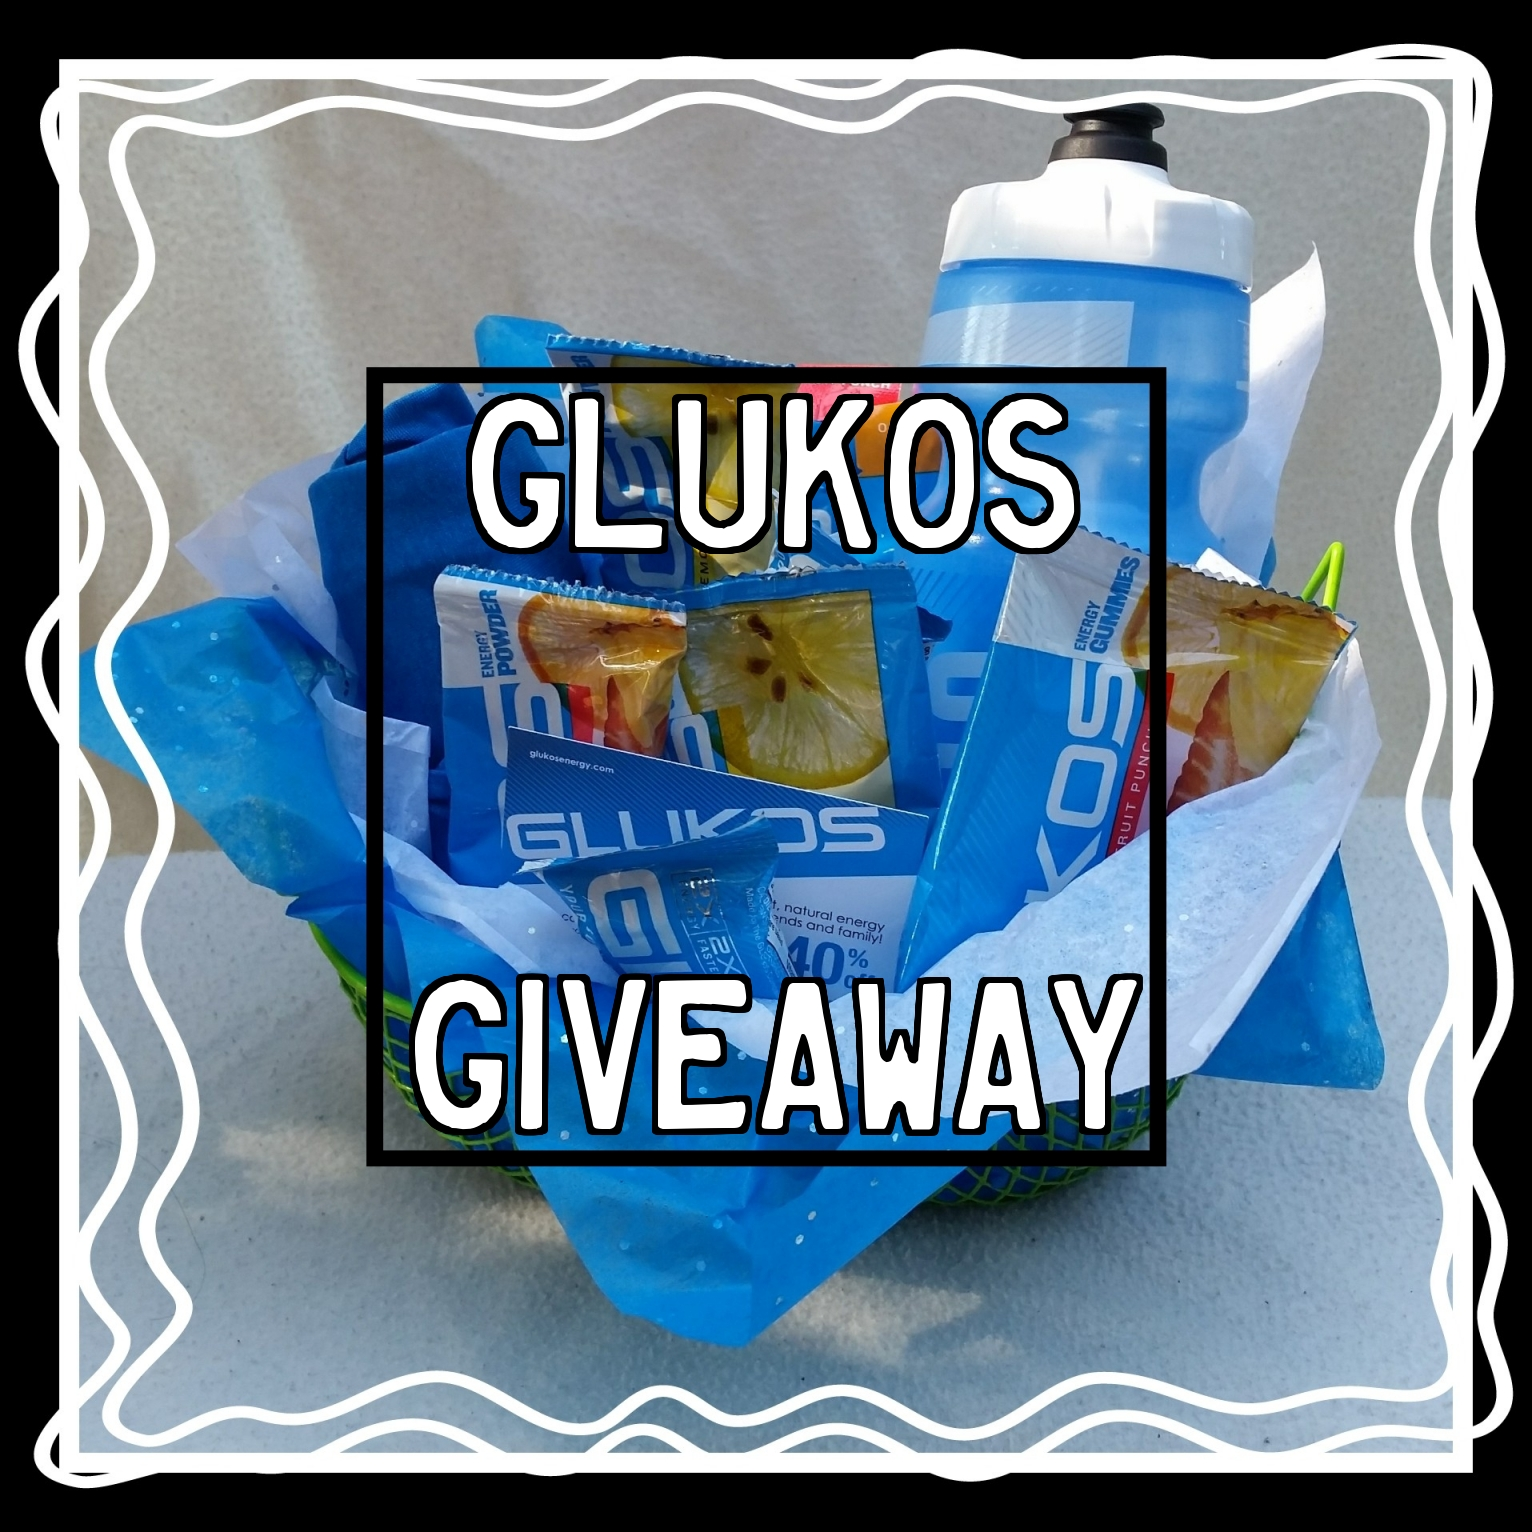 Glukos Giveaway